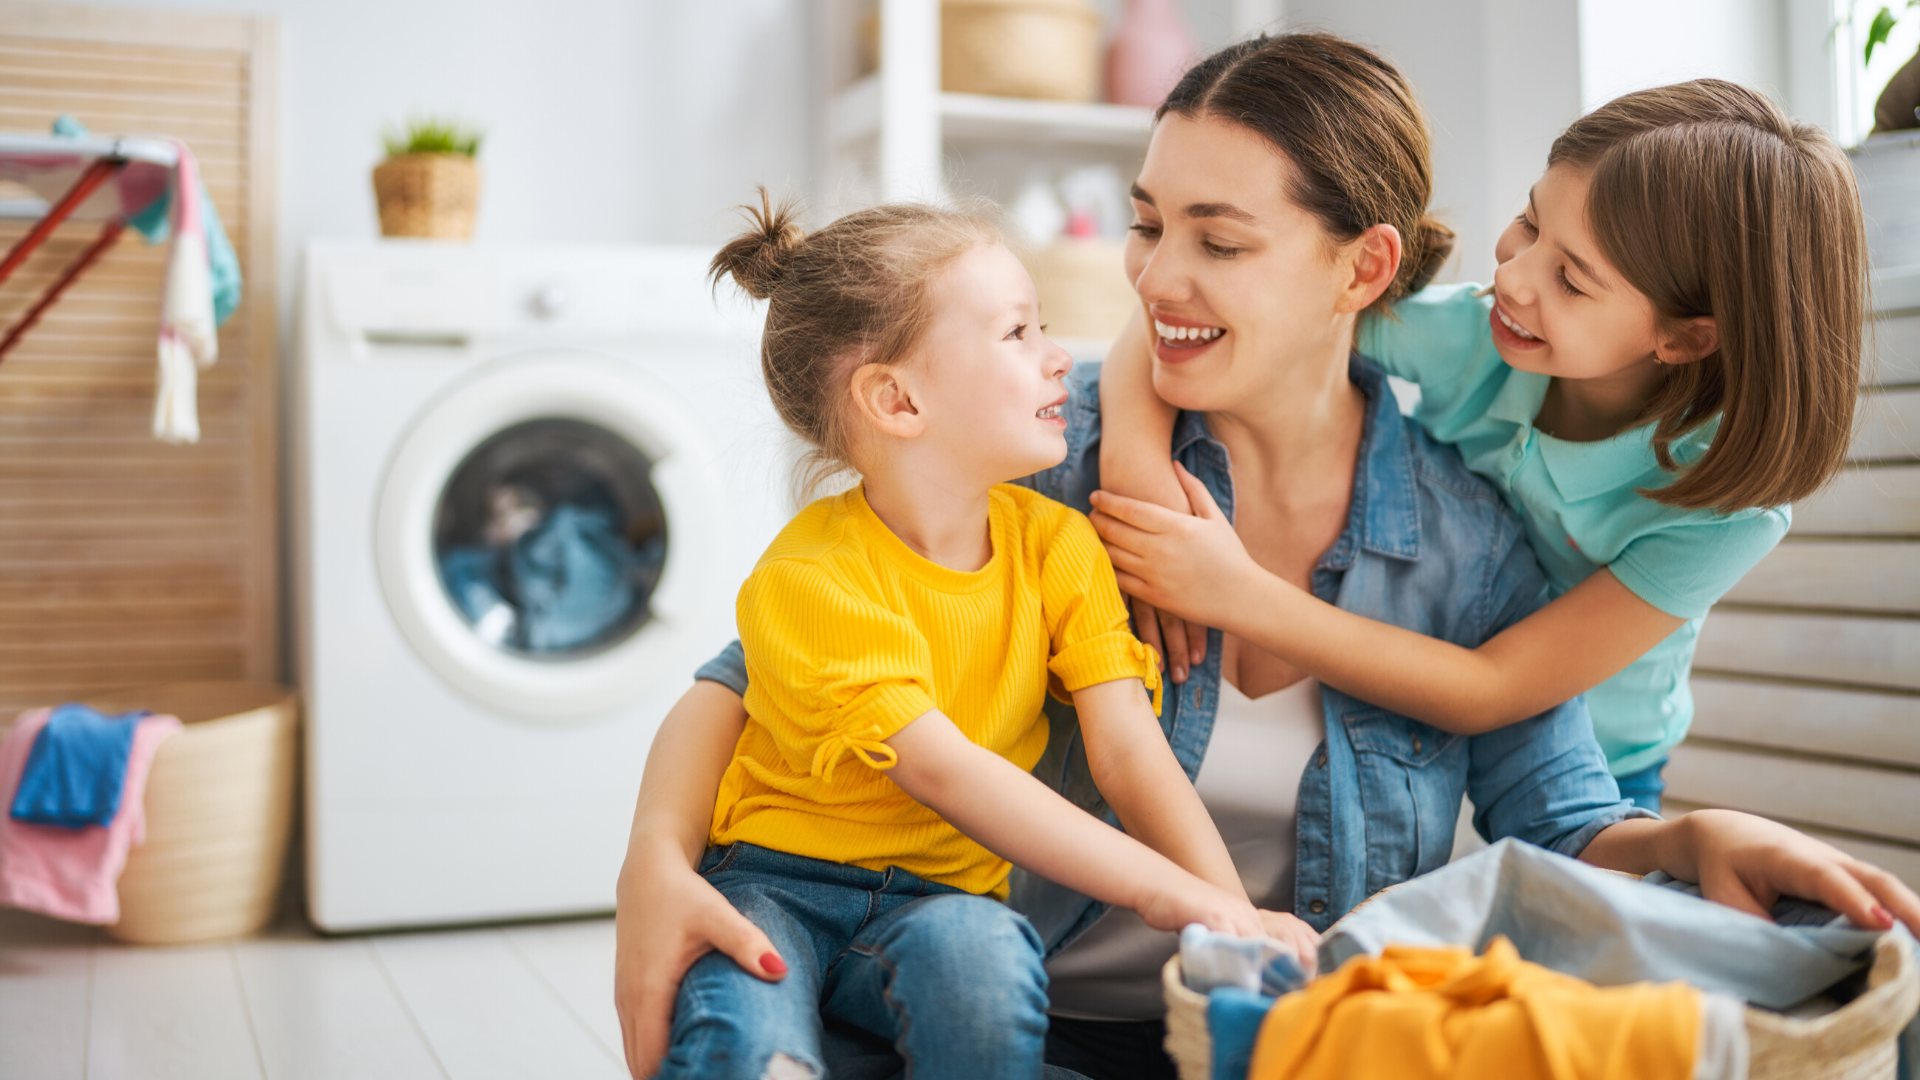 Positive Relationships For Families: Tips | Raising Children